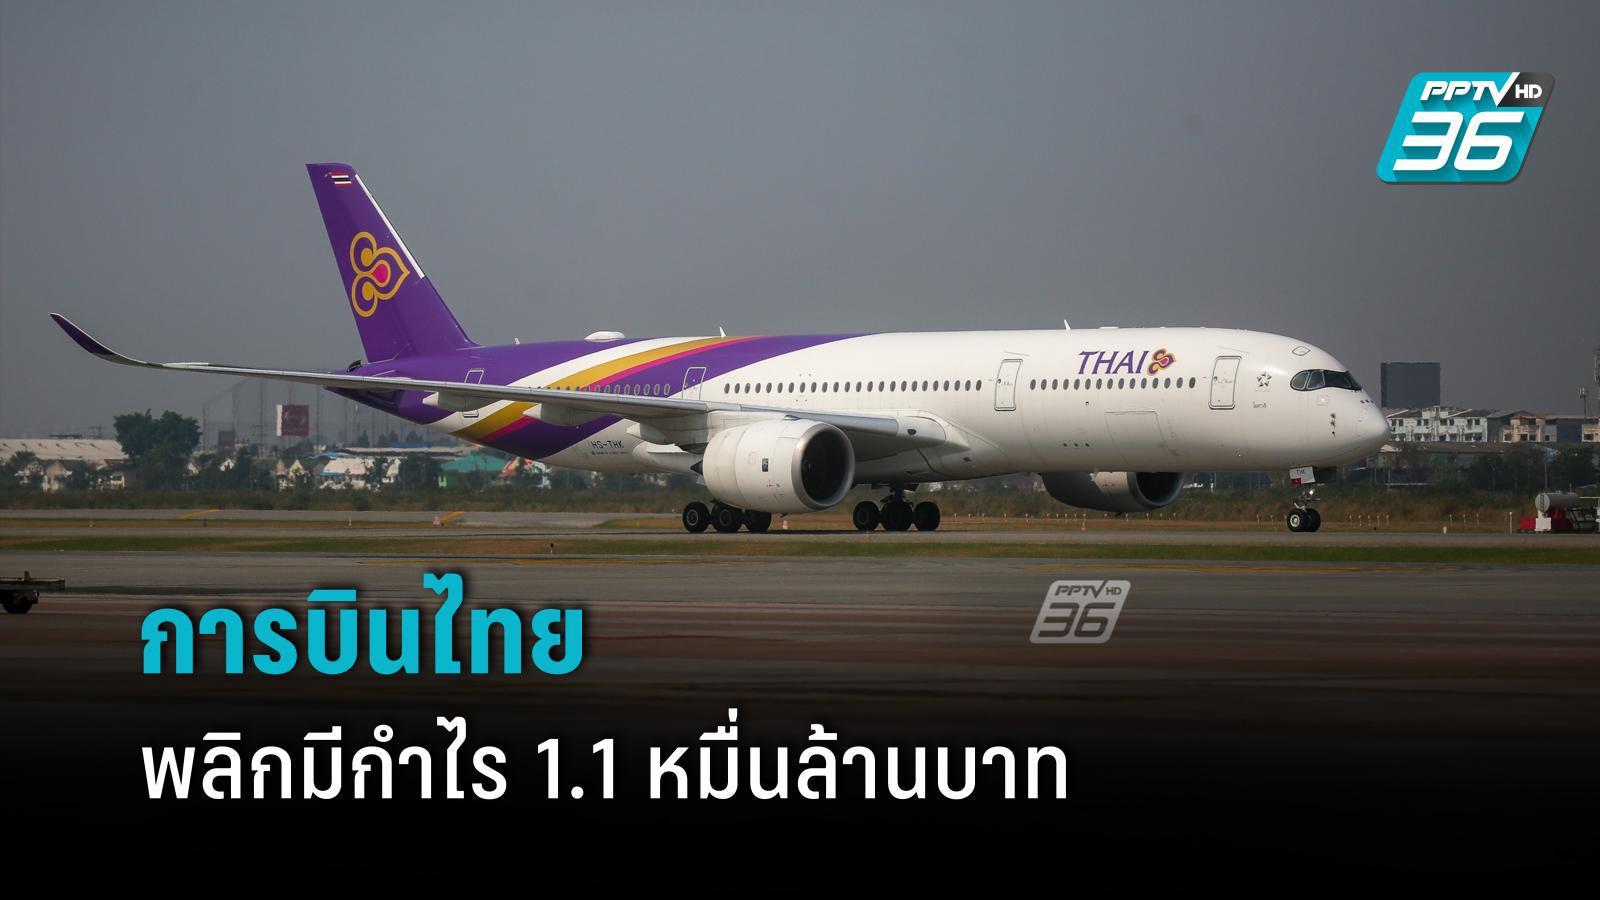 การบินไทย  พลิกมีกำไร 1.1 หมื่นล้าน ในครึ่งปี64 หลังขายทรัพย์สิน-ปรับโครงสร้างหนี้